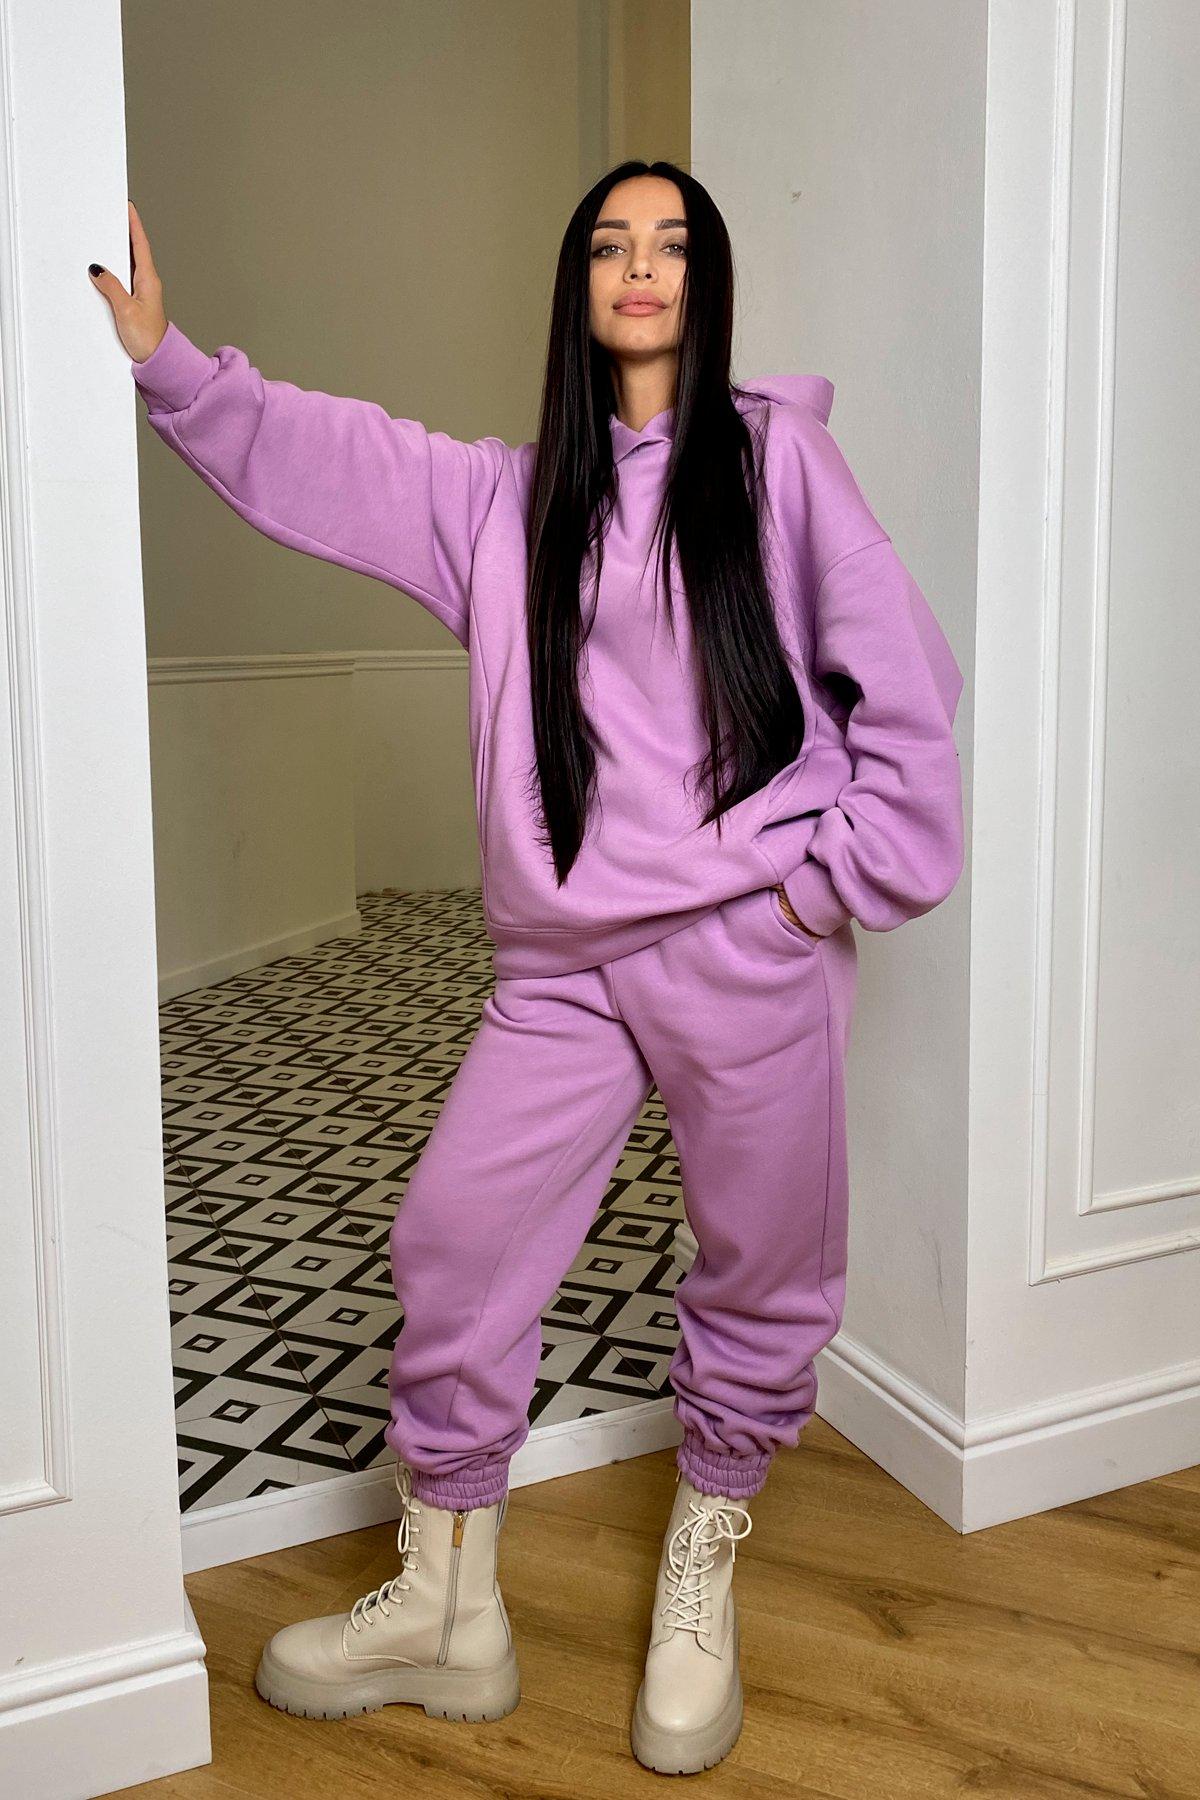 Марион костюм в  стиле Oversize  3х нитка 9651 АРТ. 46356 Цвет: Лаванда/1 - фото 3, интернет магазин tm-modus.ru